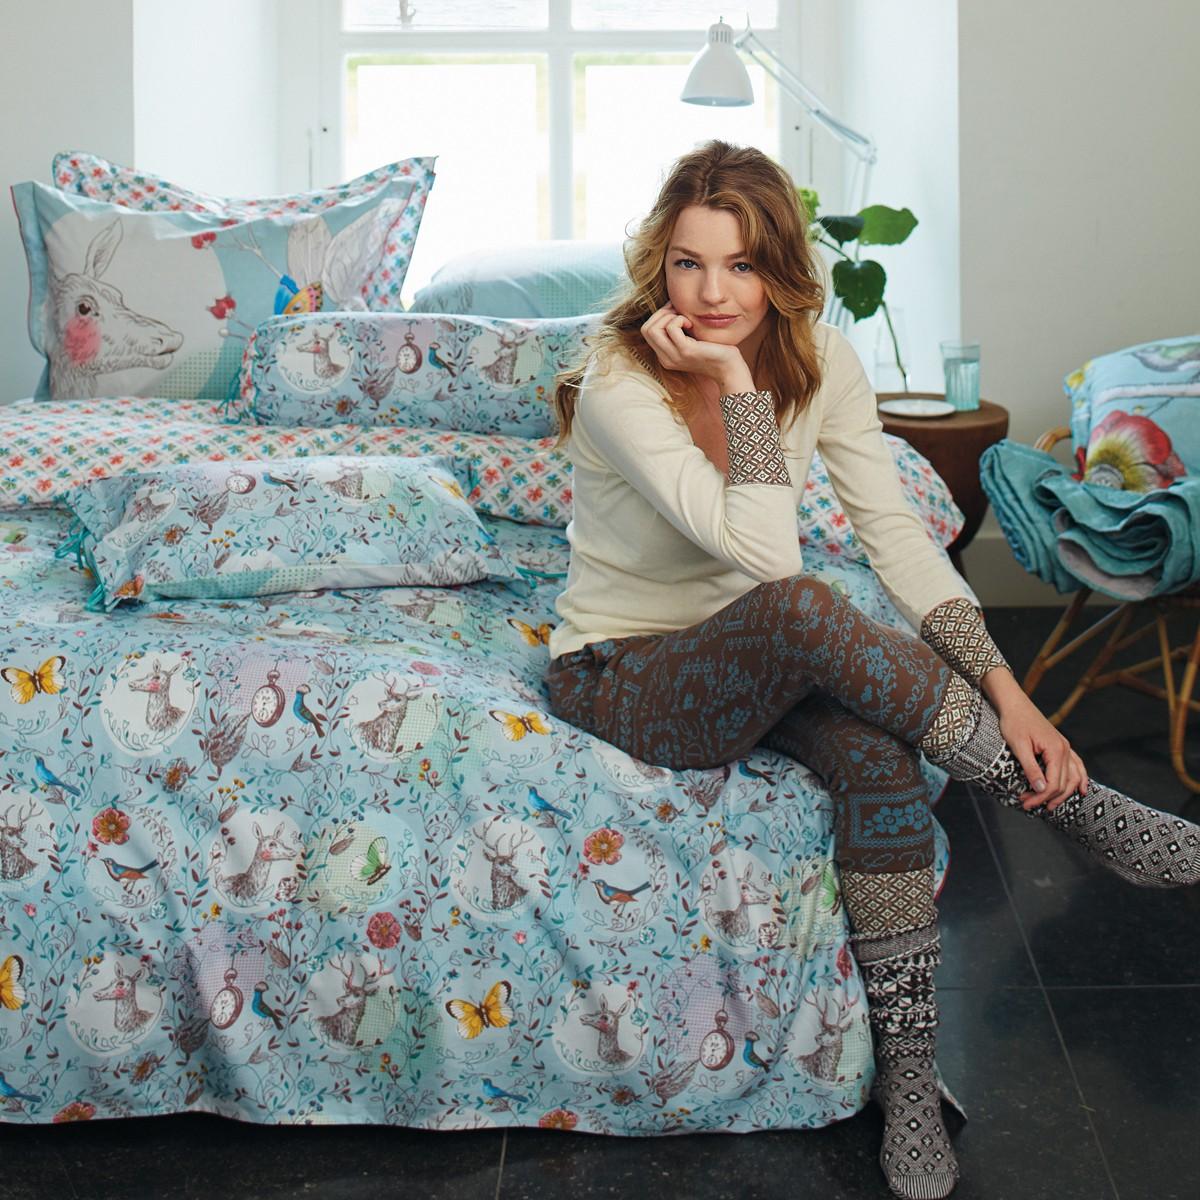 bettw sche pip studio oh deer blue bettw sche perkalbettw sche. Black Bedroom Furniture Sets. Home Design Ideas